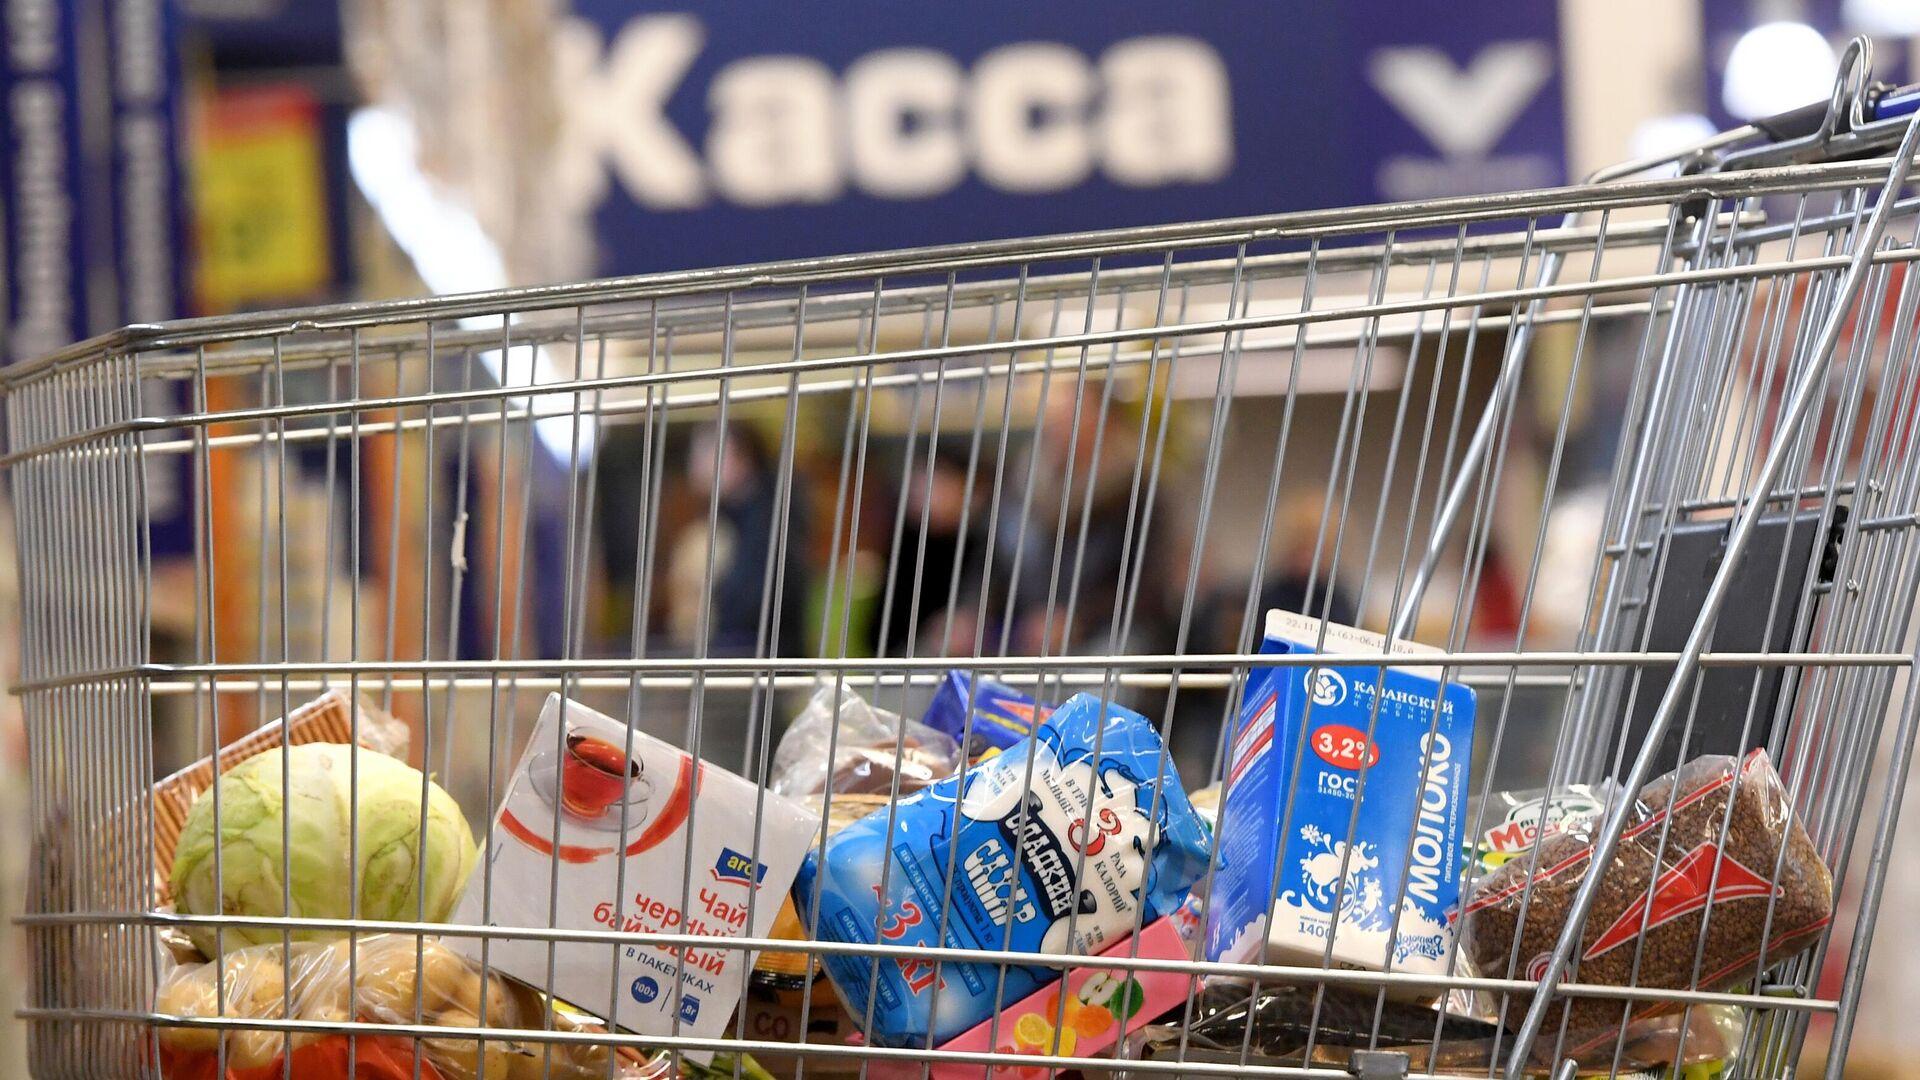 Тележка с продуктами в магазине - РИА Новости, 1920, 15.09.2021